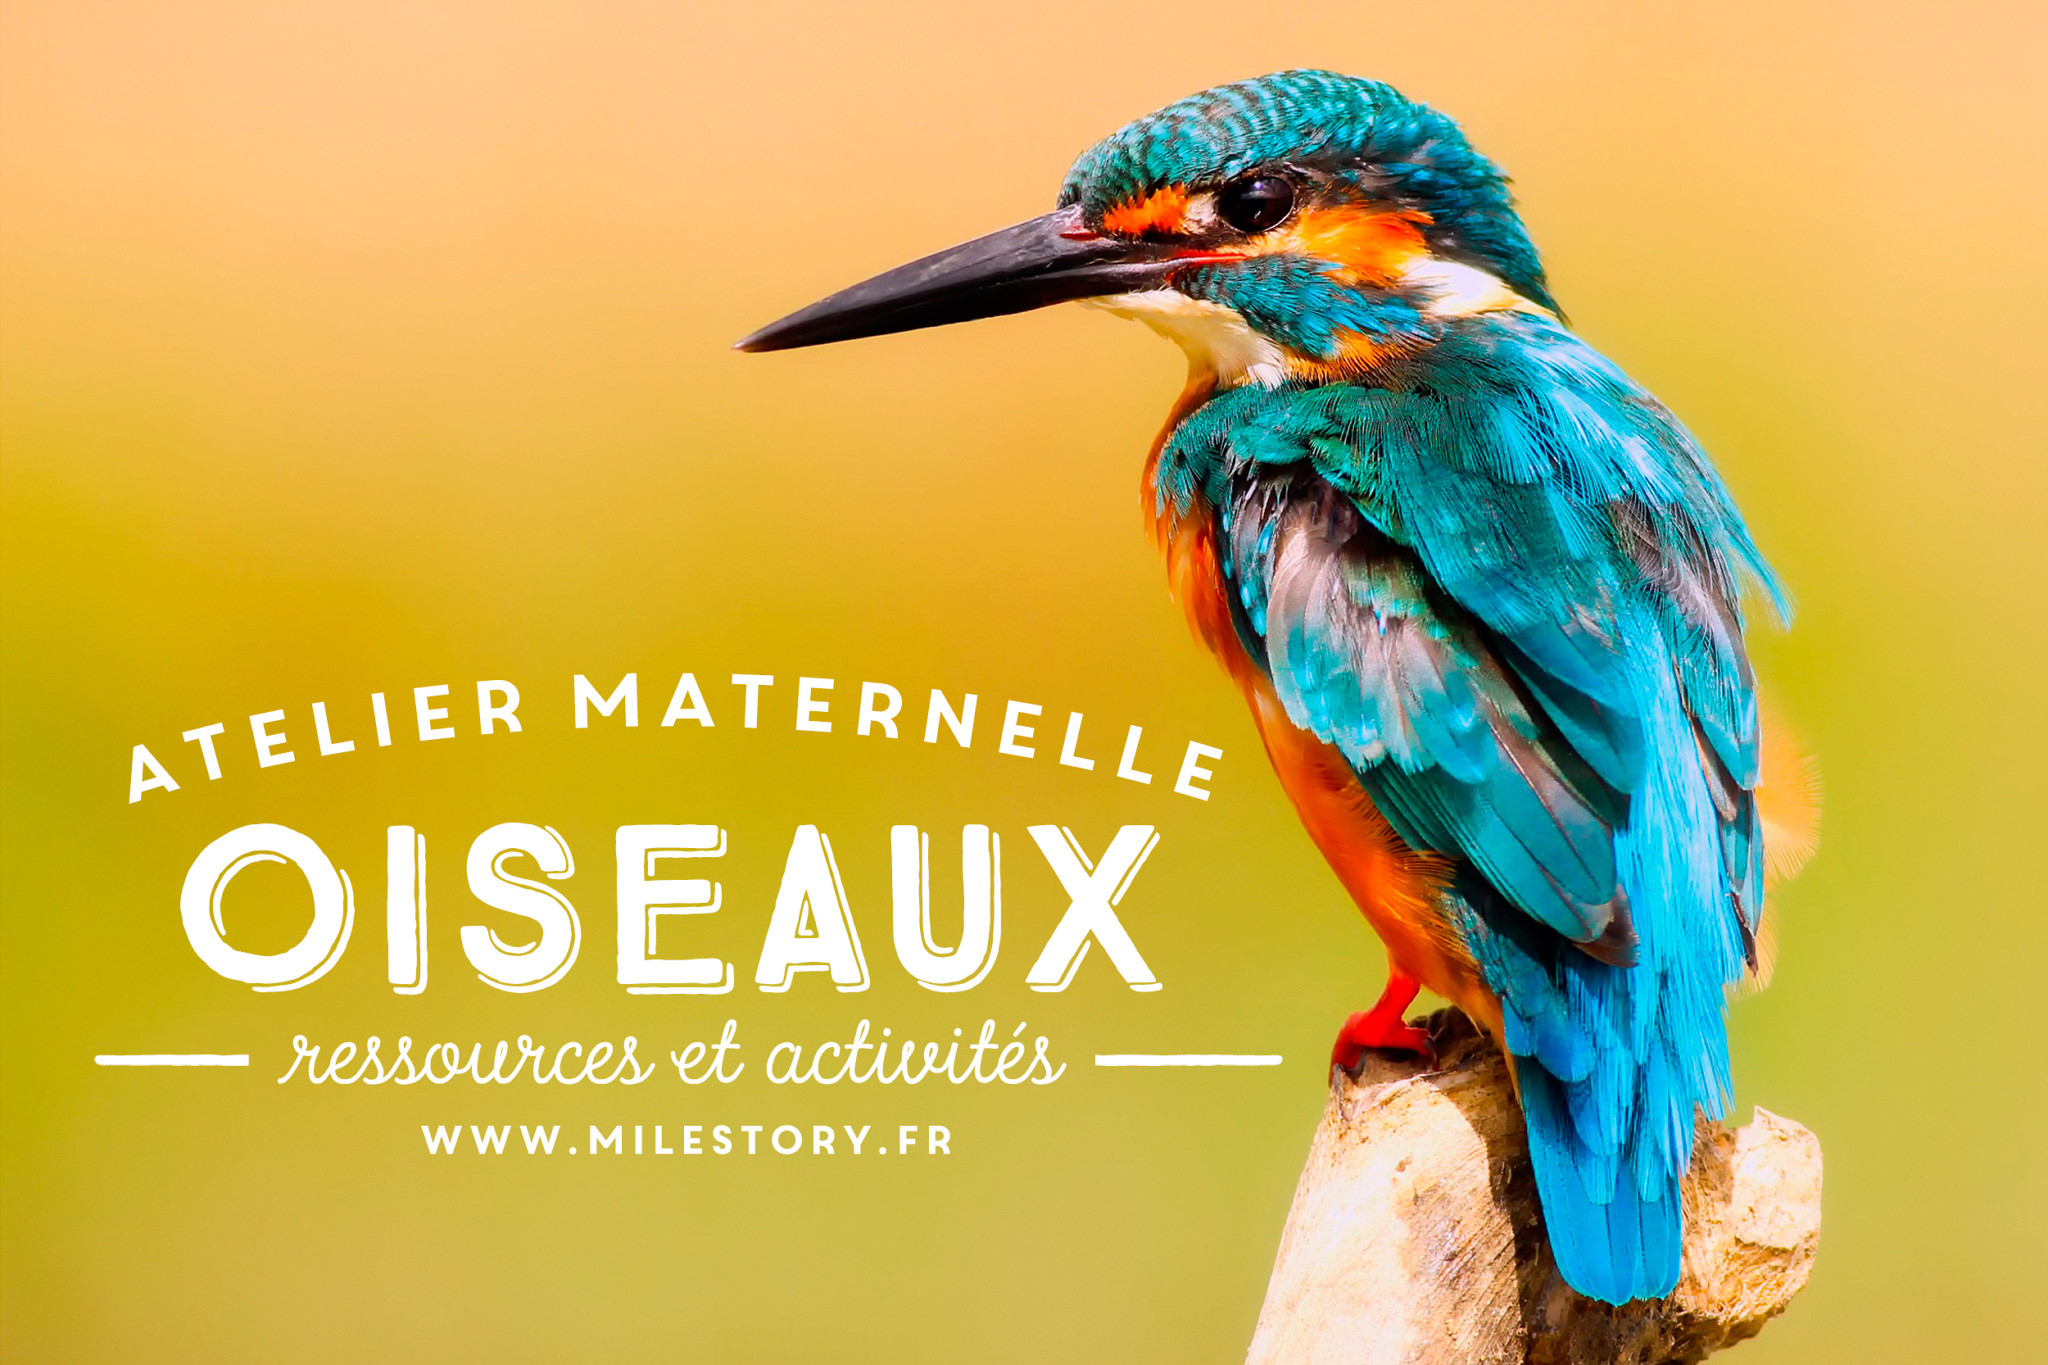 Activités Maternelle Oiseaux + Cartes Nomenclature Oiseaux pour Jeux De Oiseau Gratuit